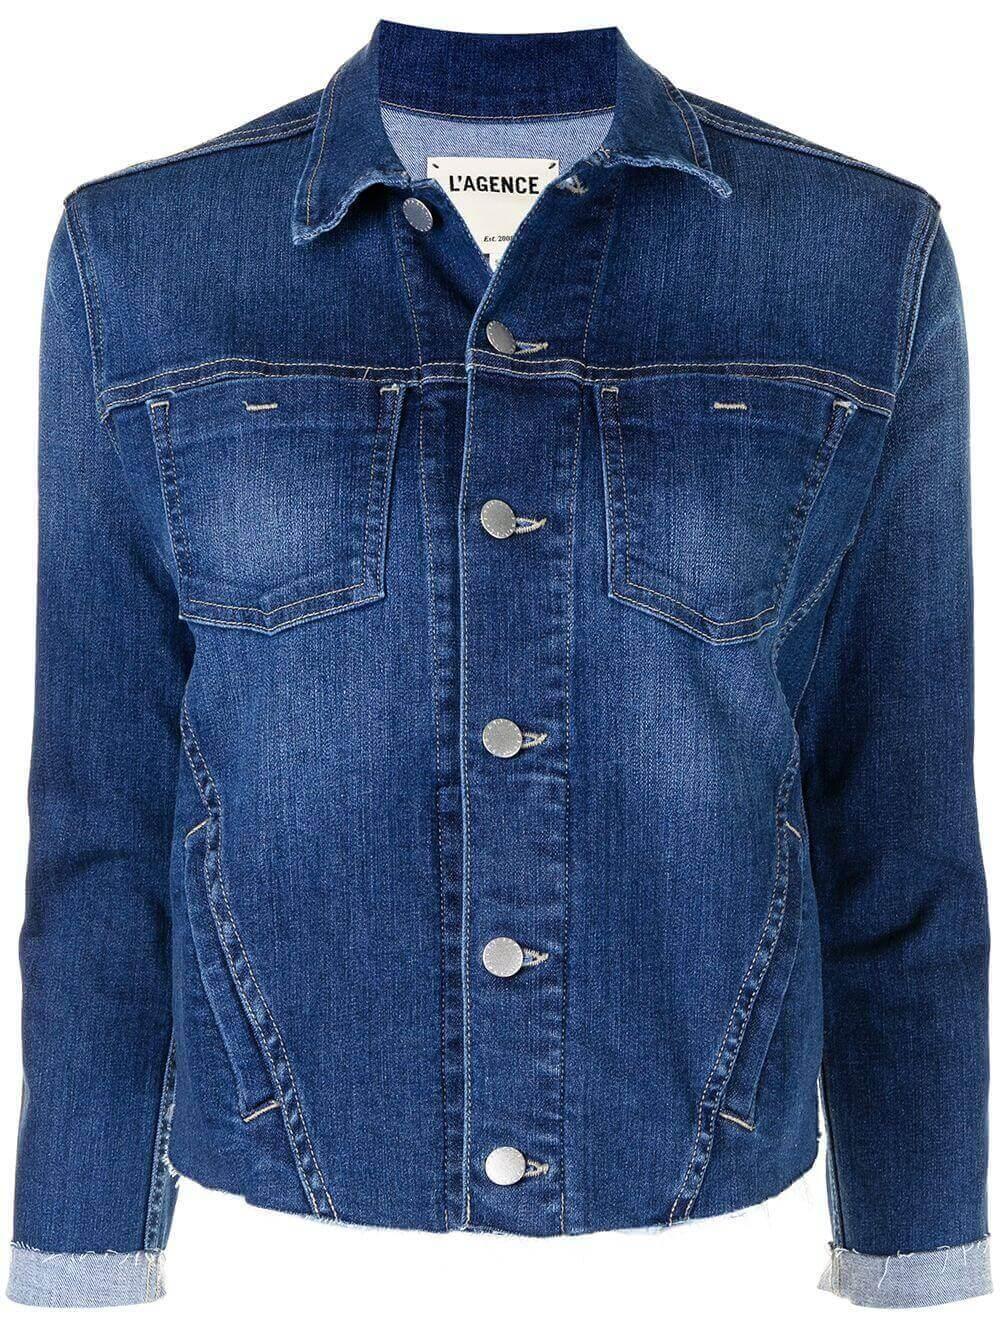 Janelle Denim Jacket Item # 1431D18